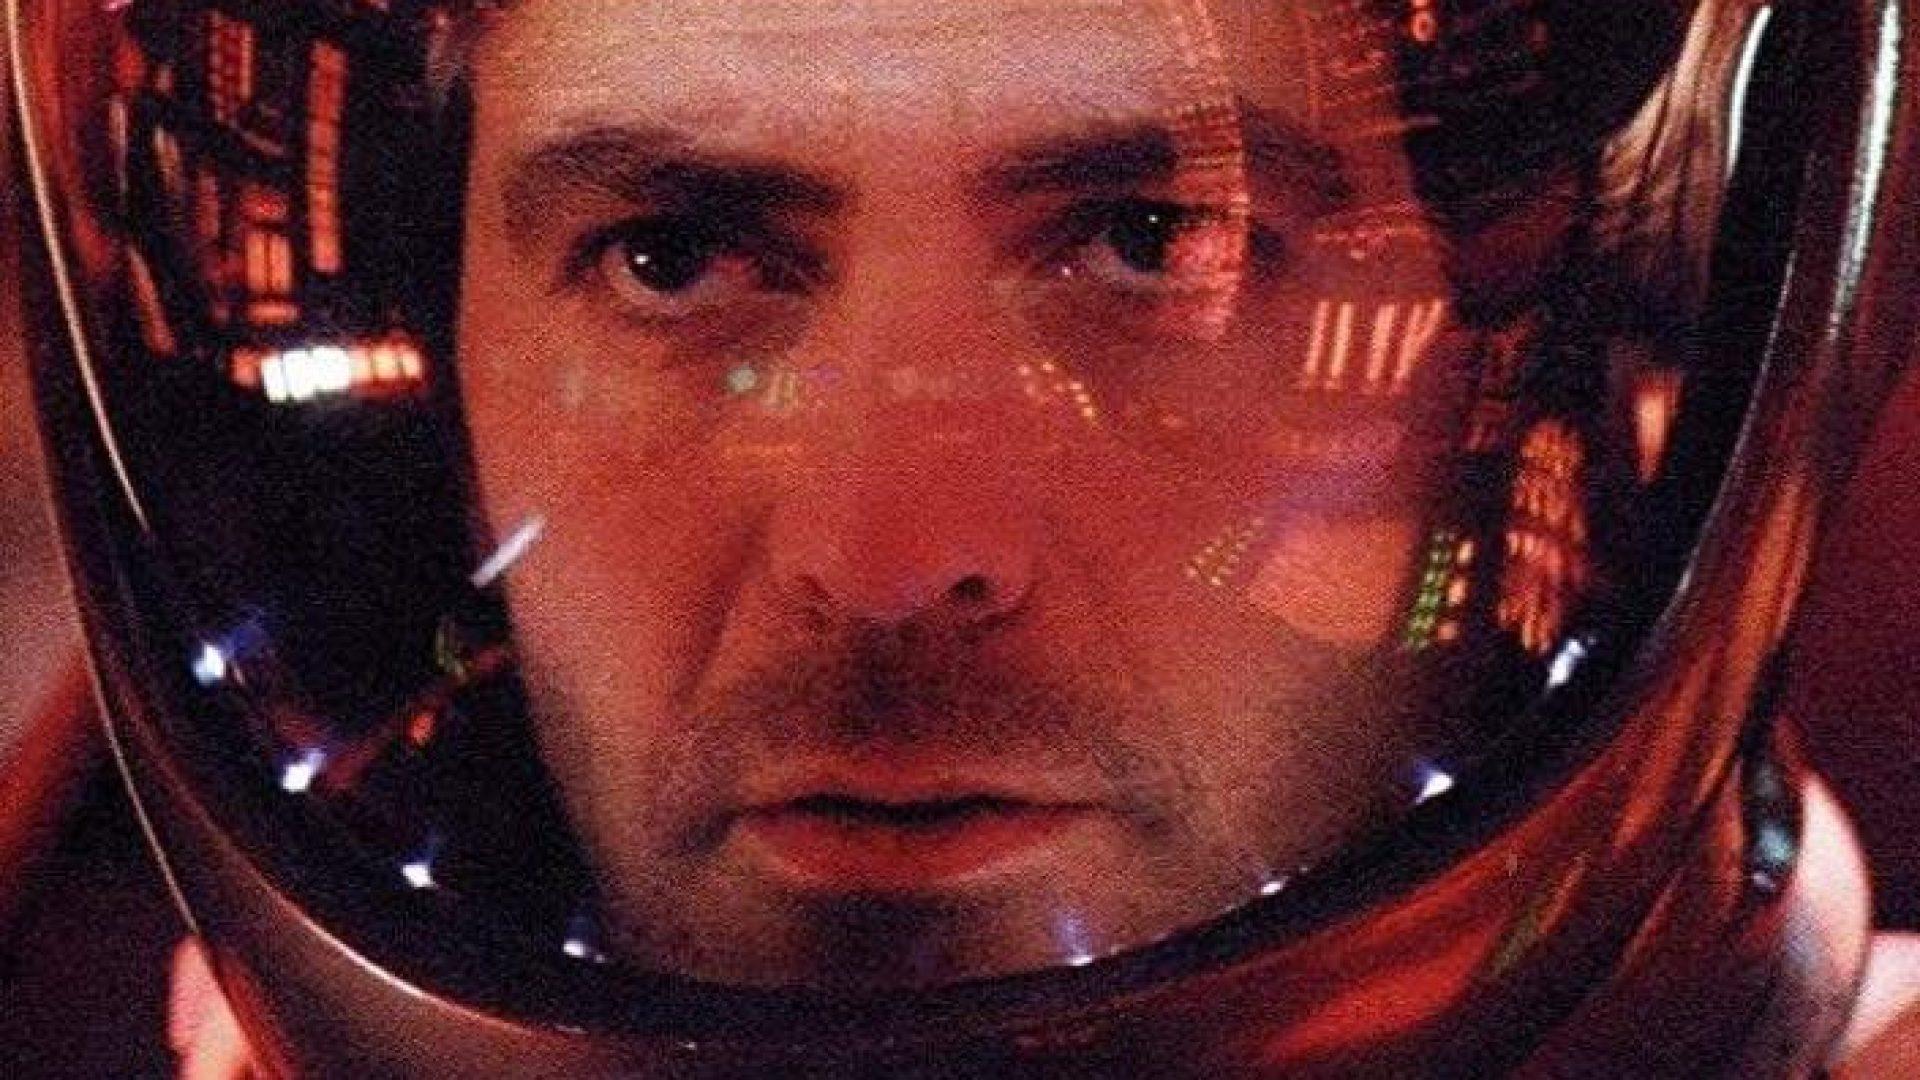 George Clooney i filmen Solaris